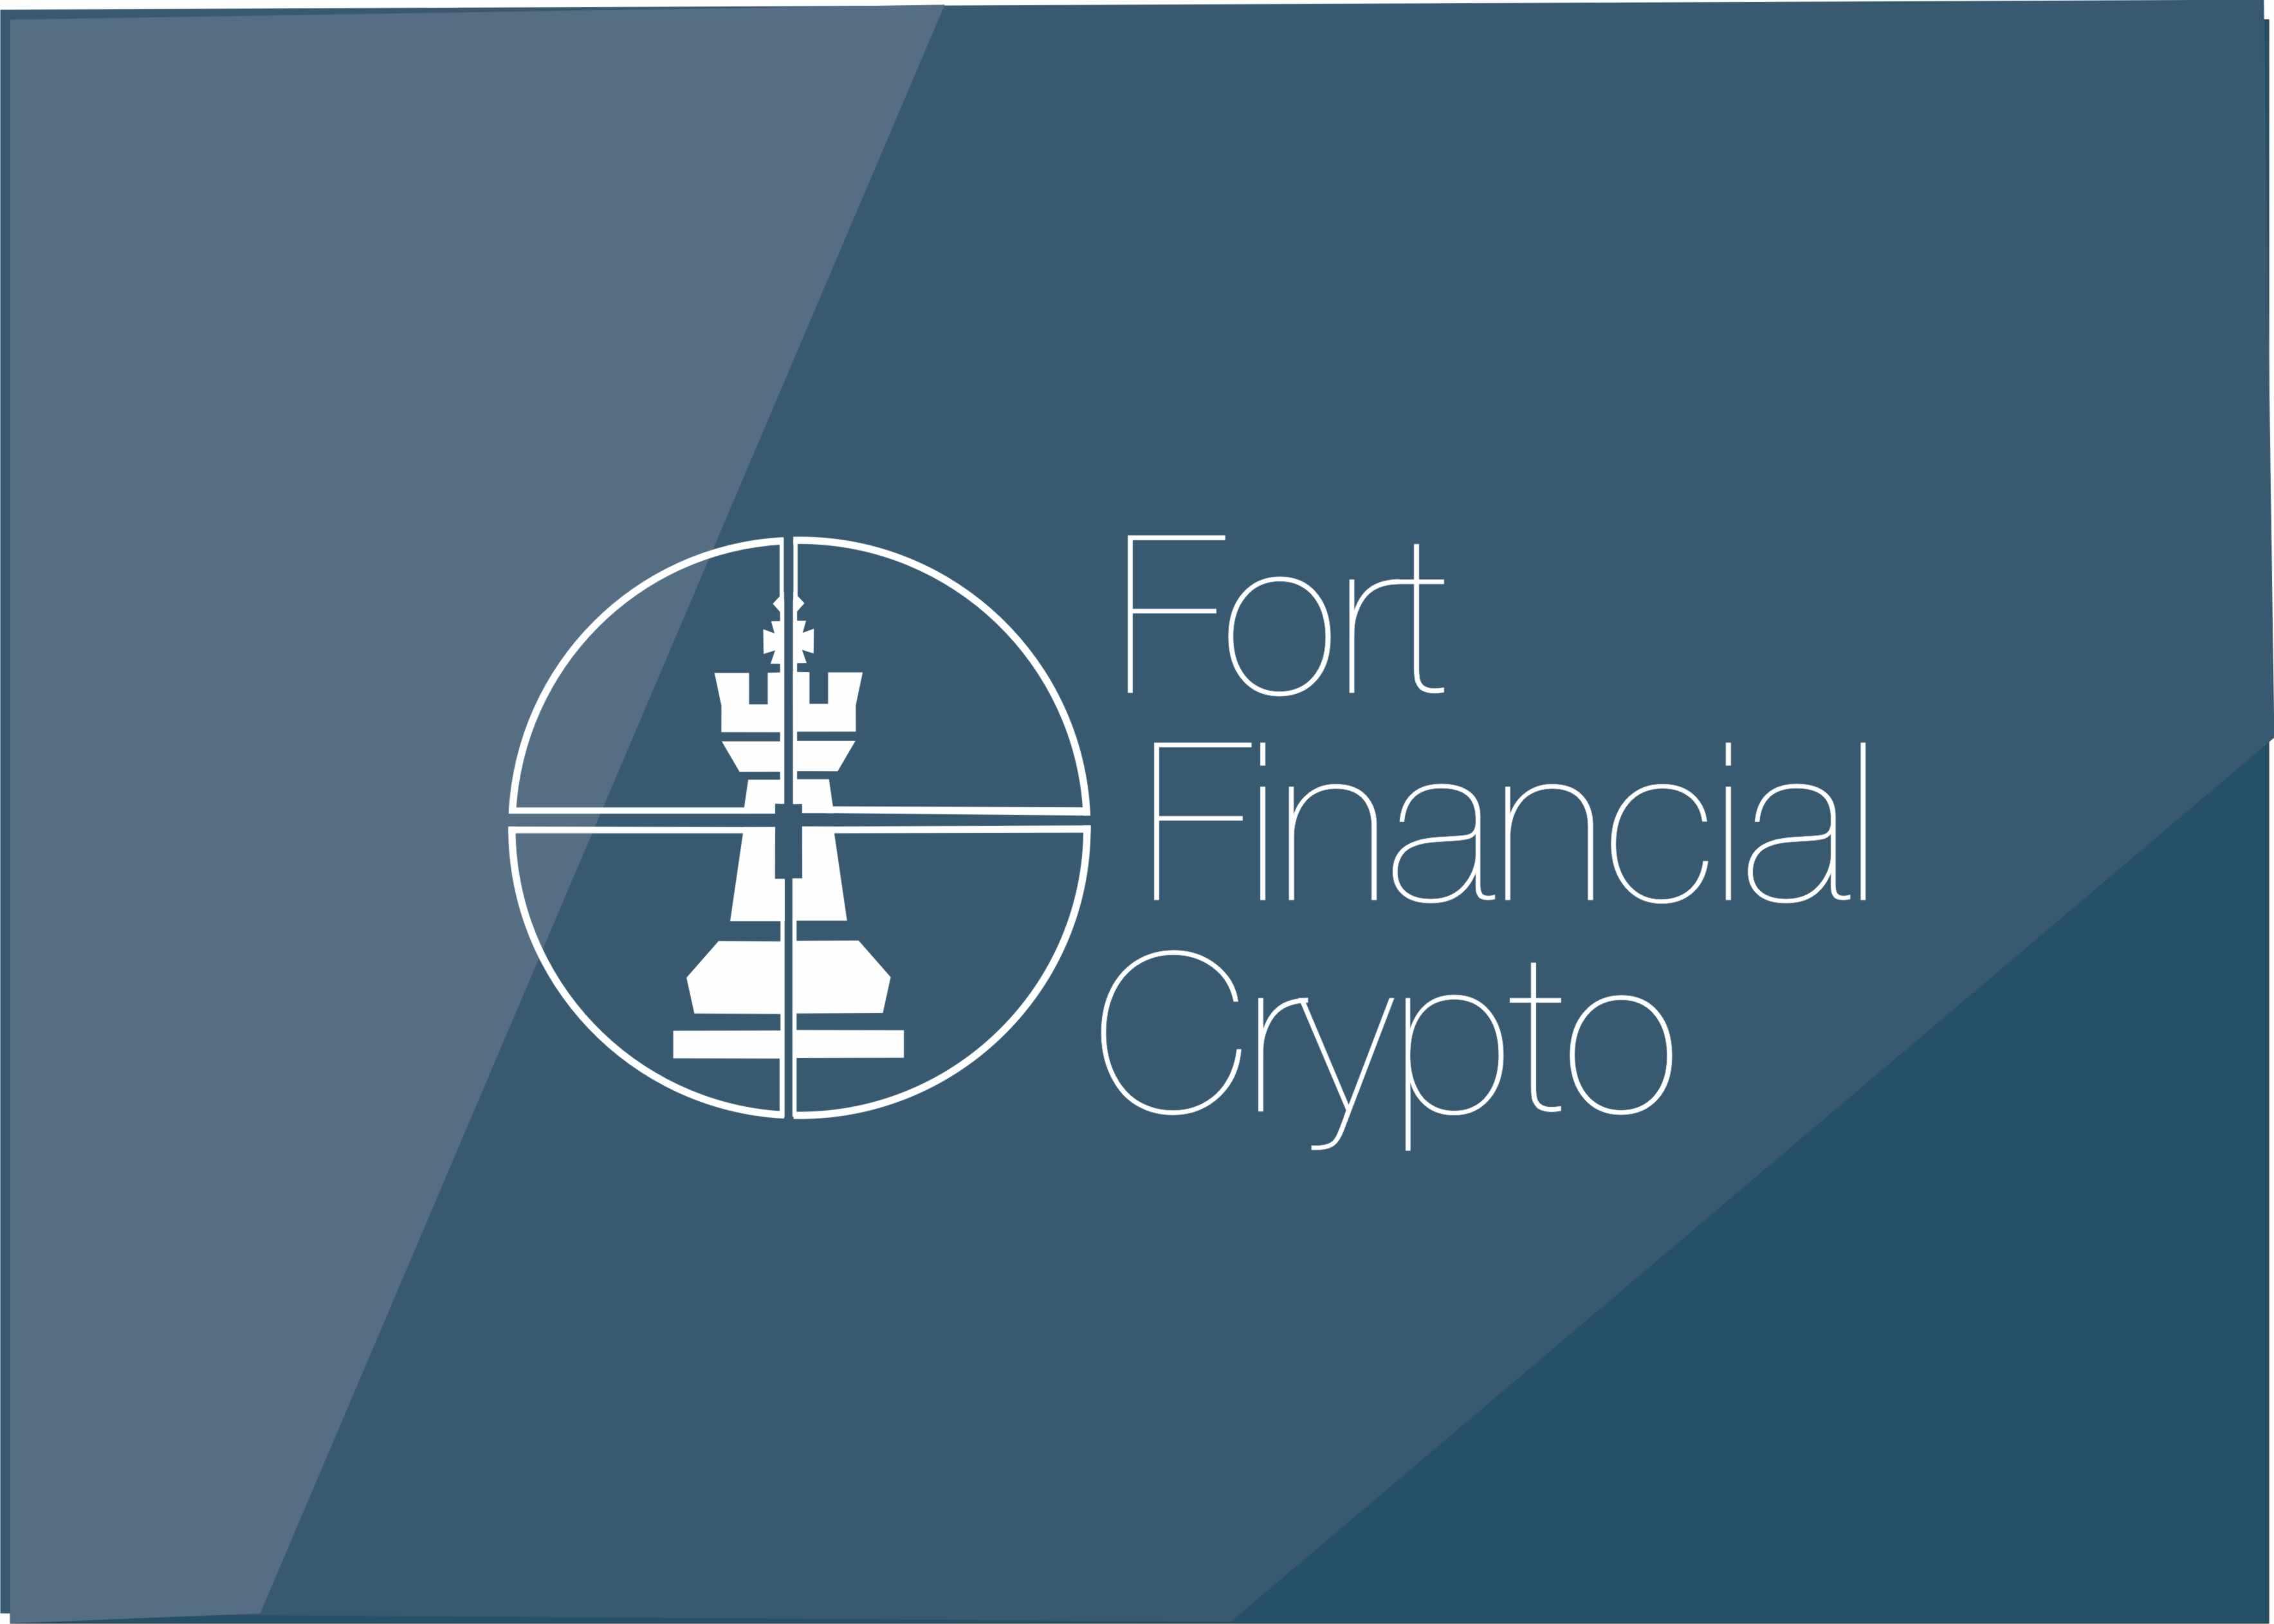 Разработка логотипа финансовой компании фото f_0535a86f5b0d7afb.jpg